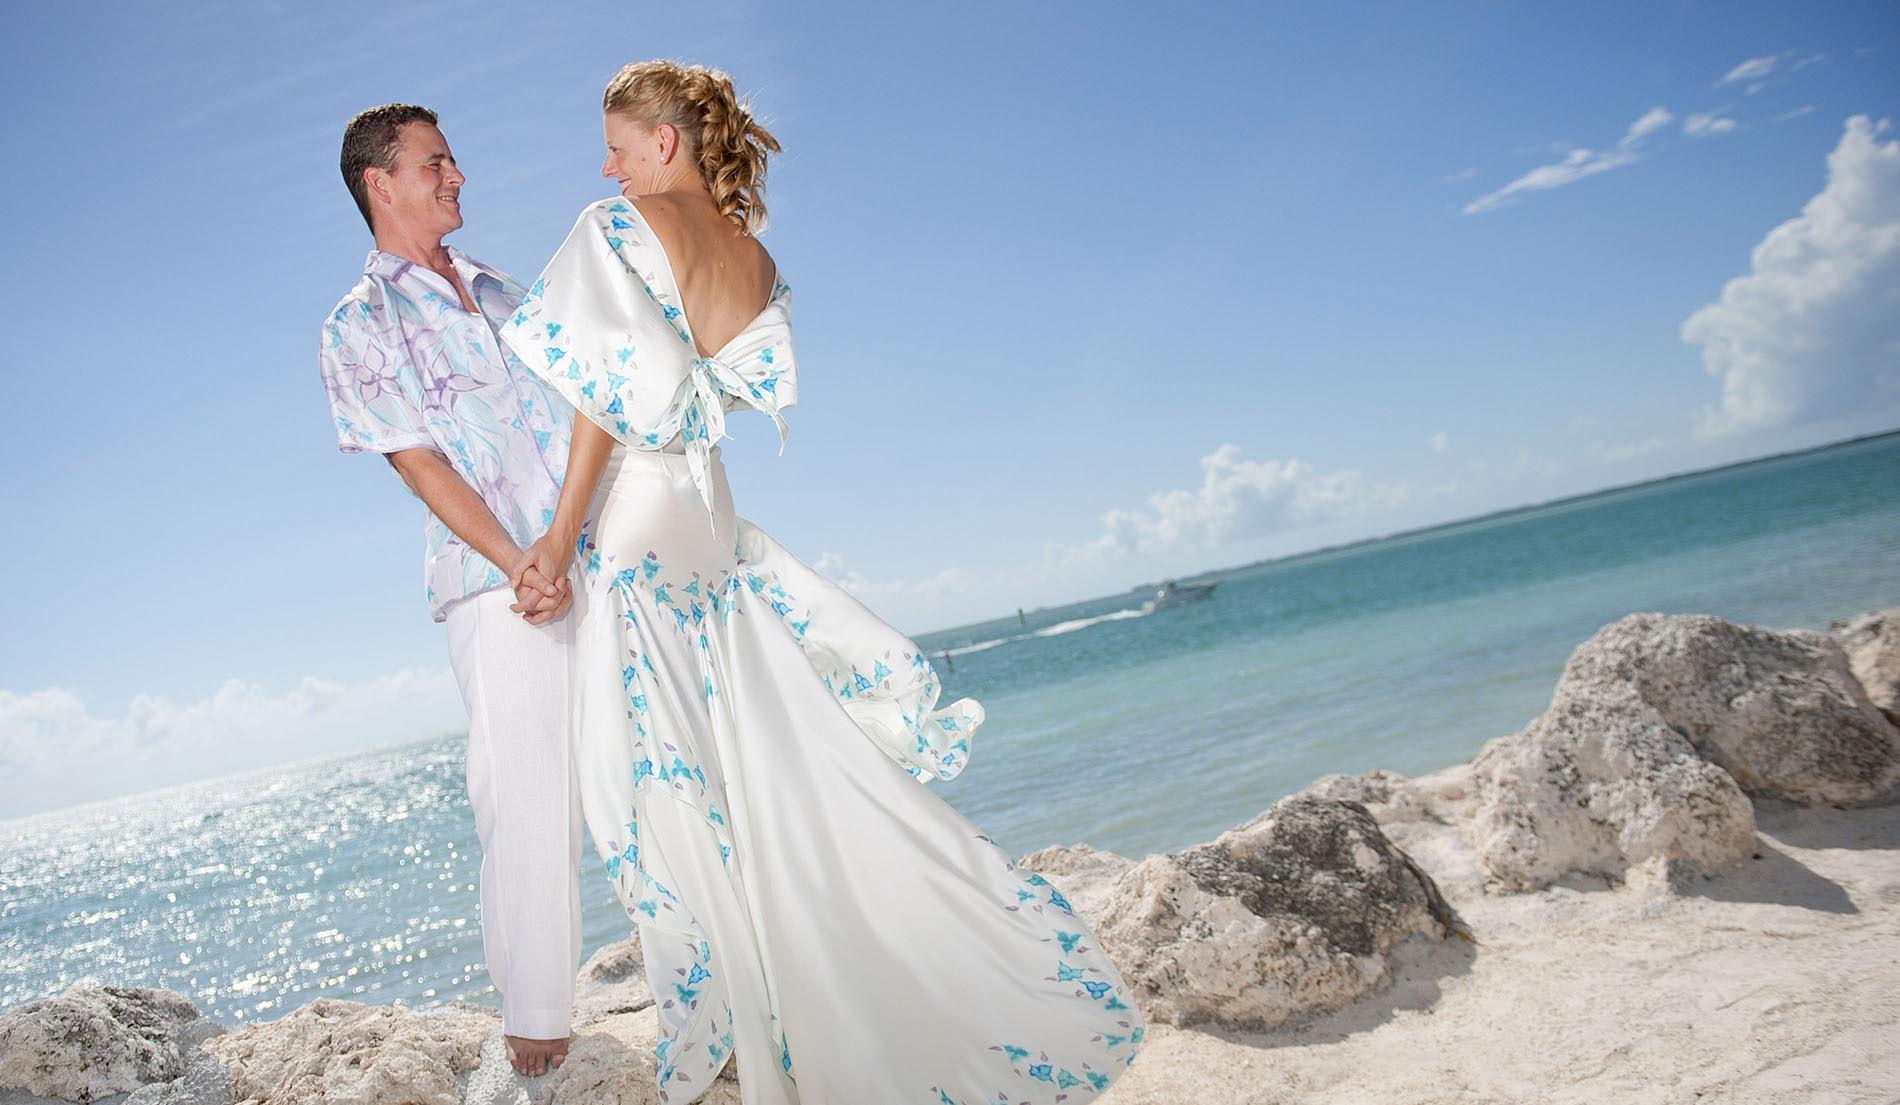 LOOK 1 with bride